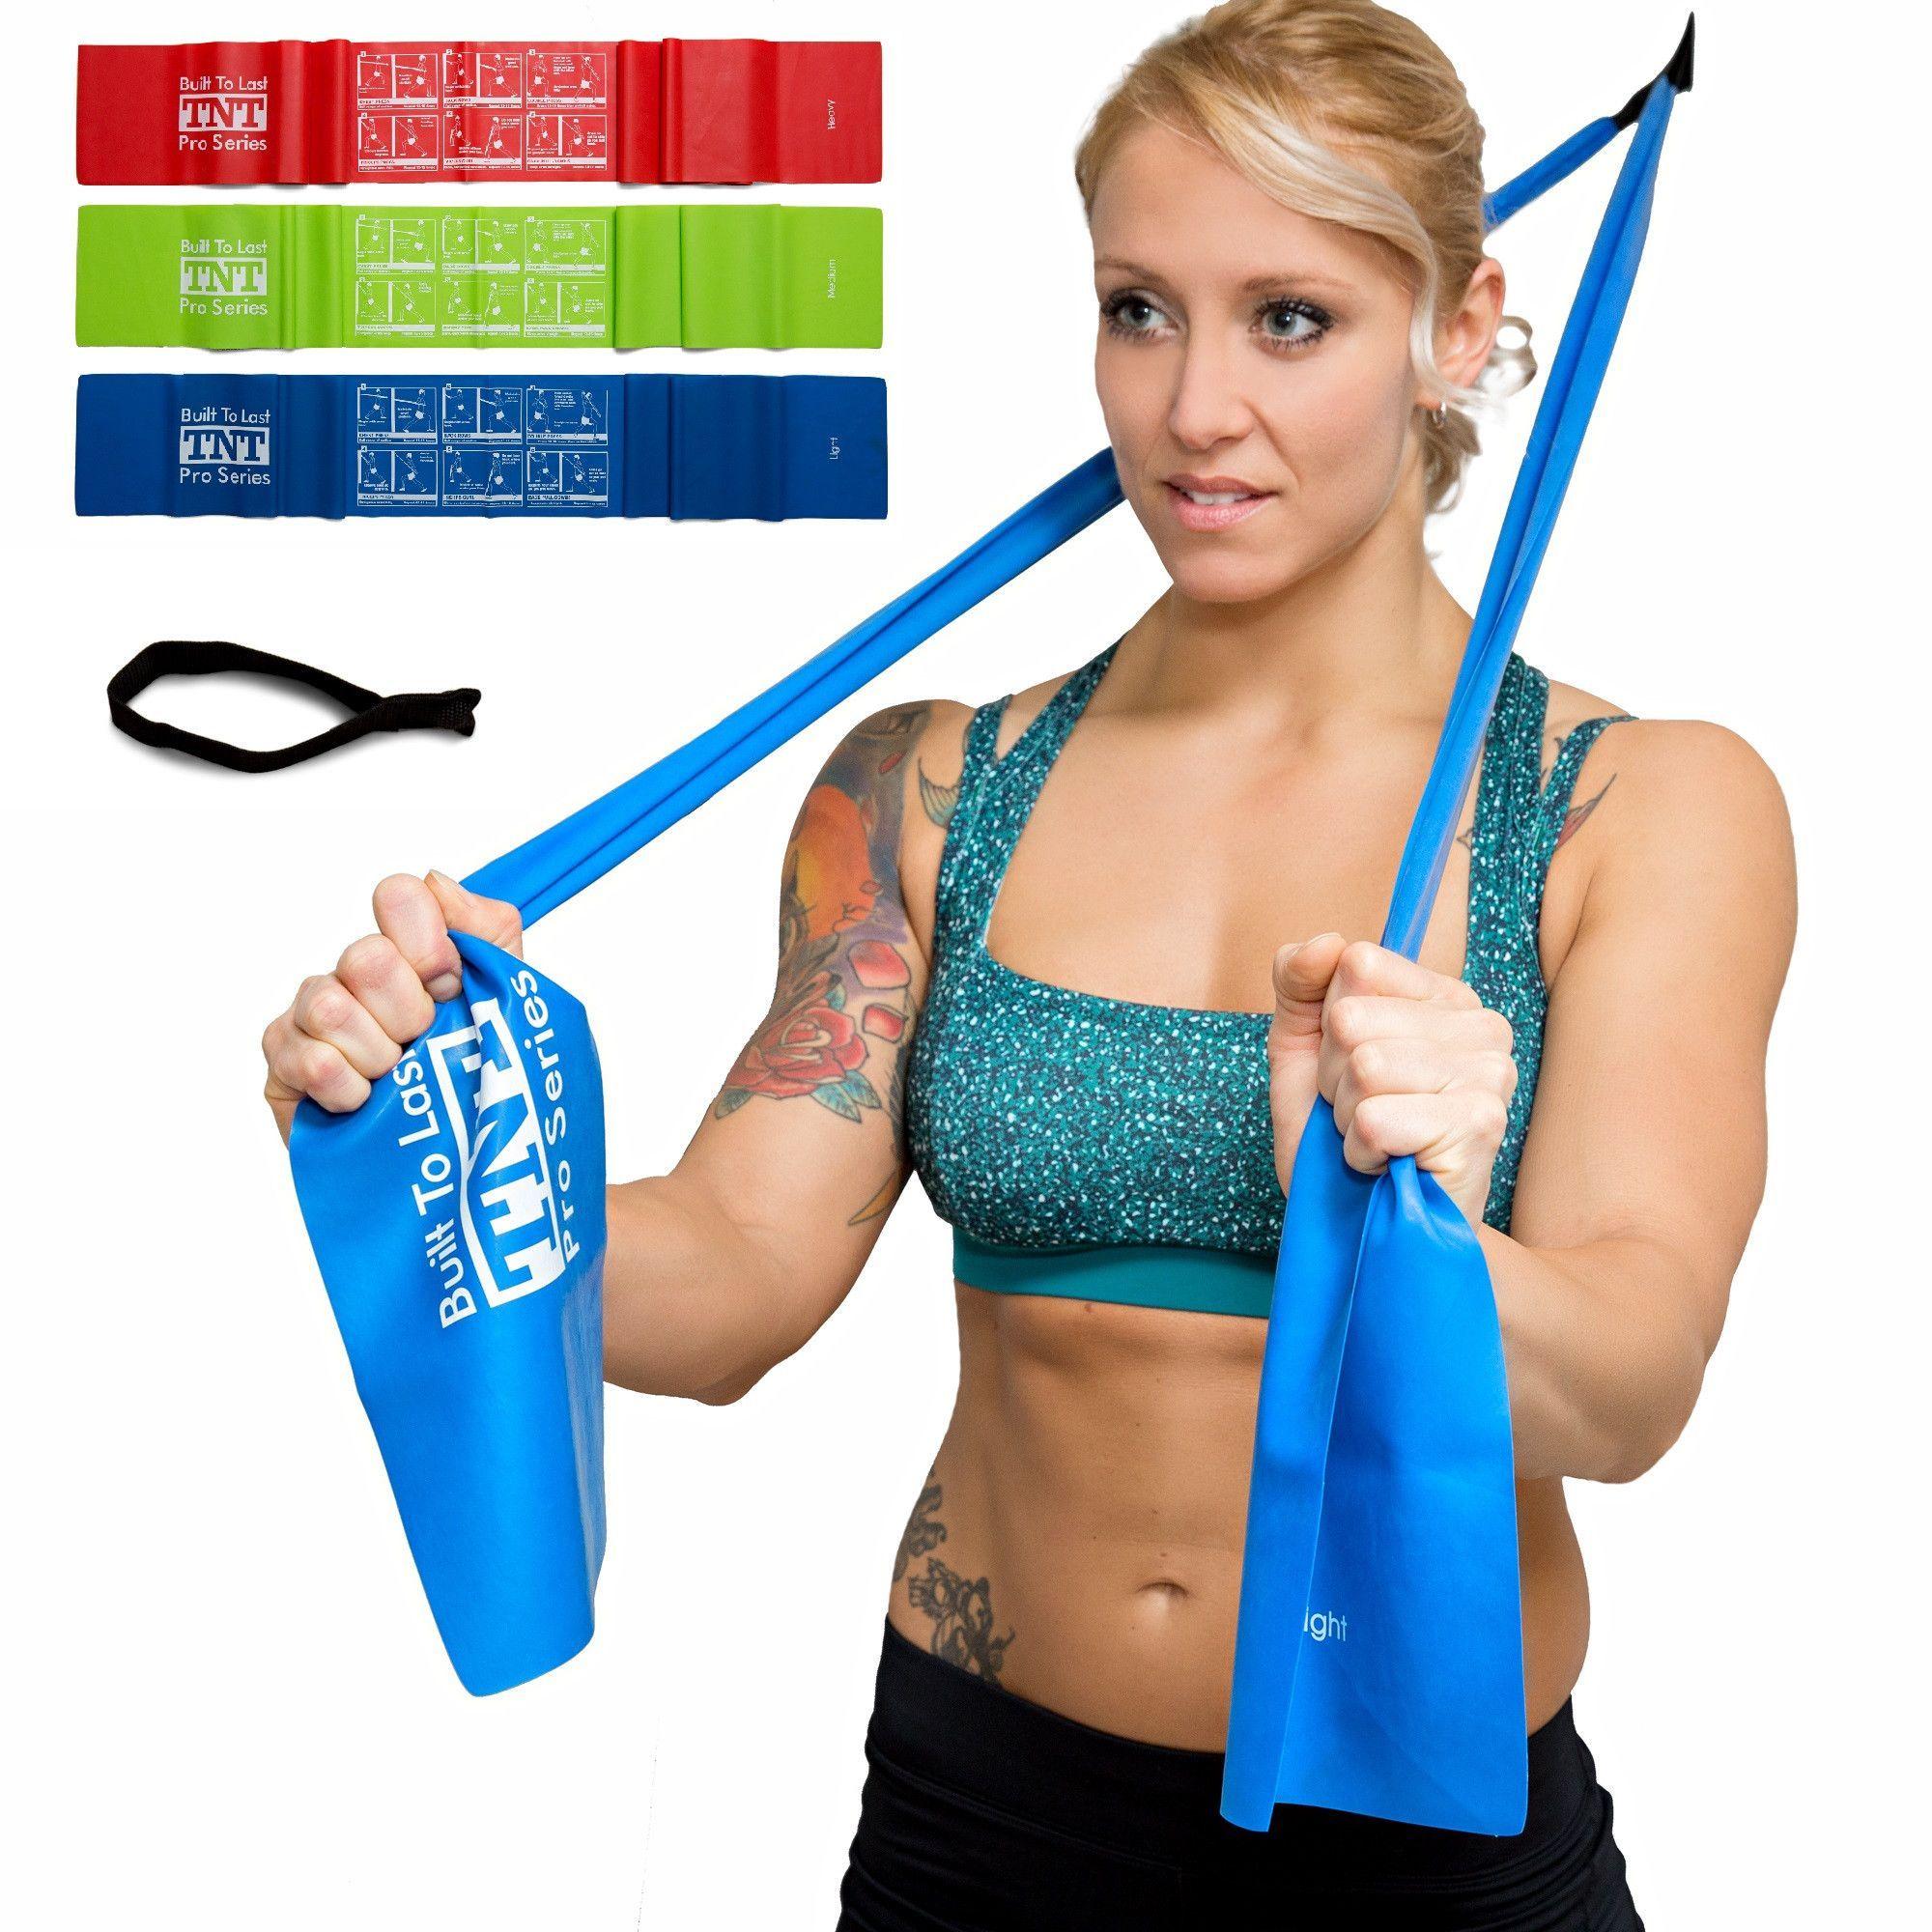 30+ Fogyókúrás tippek-Zsírégetés-Fogyás ideas   fogyókúrás tippek, zsírégetés, fogyás